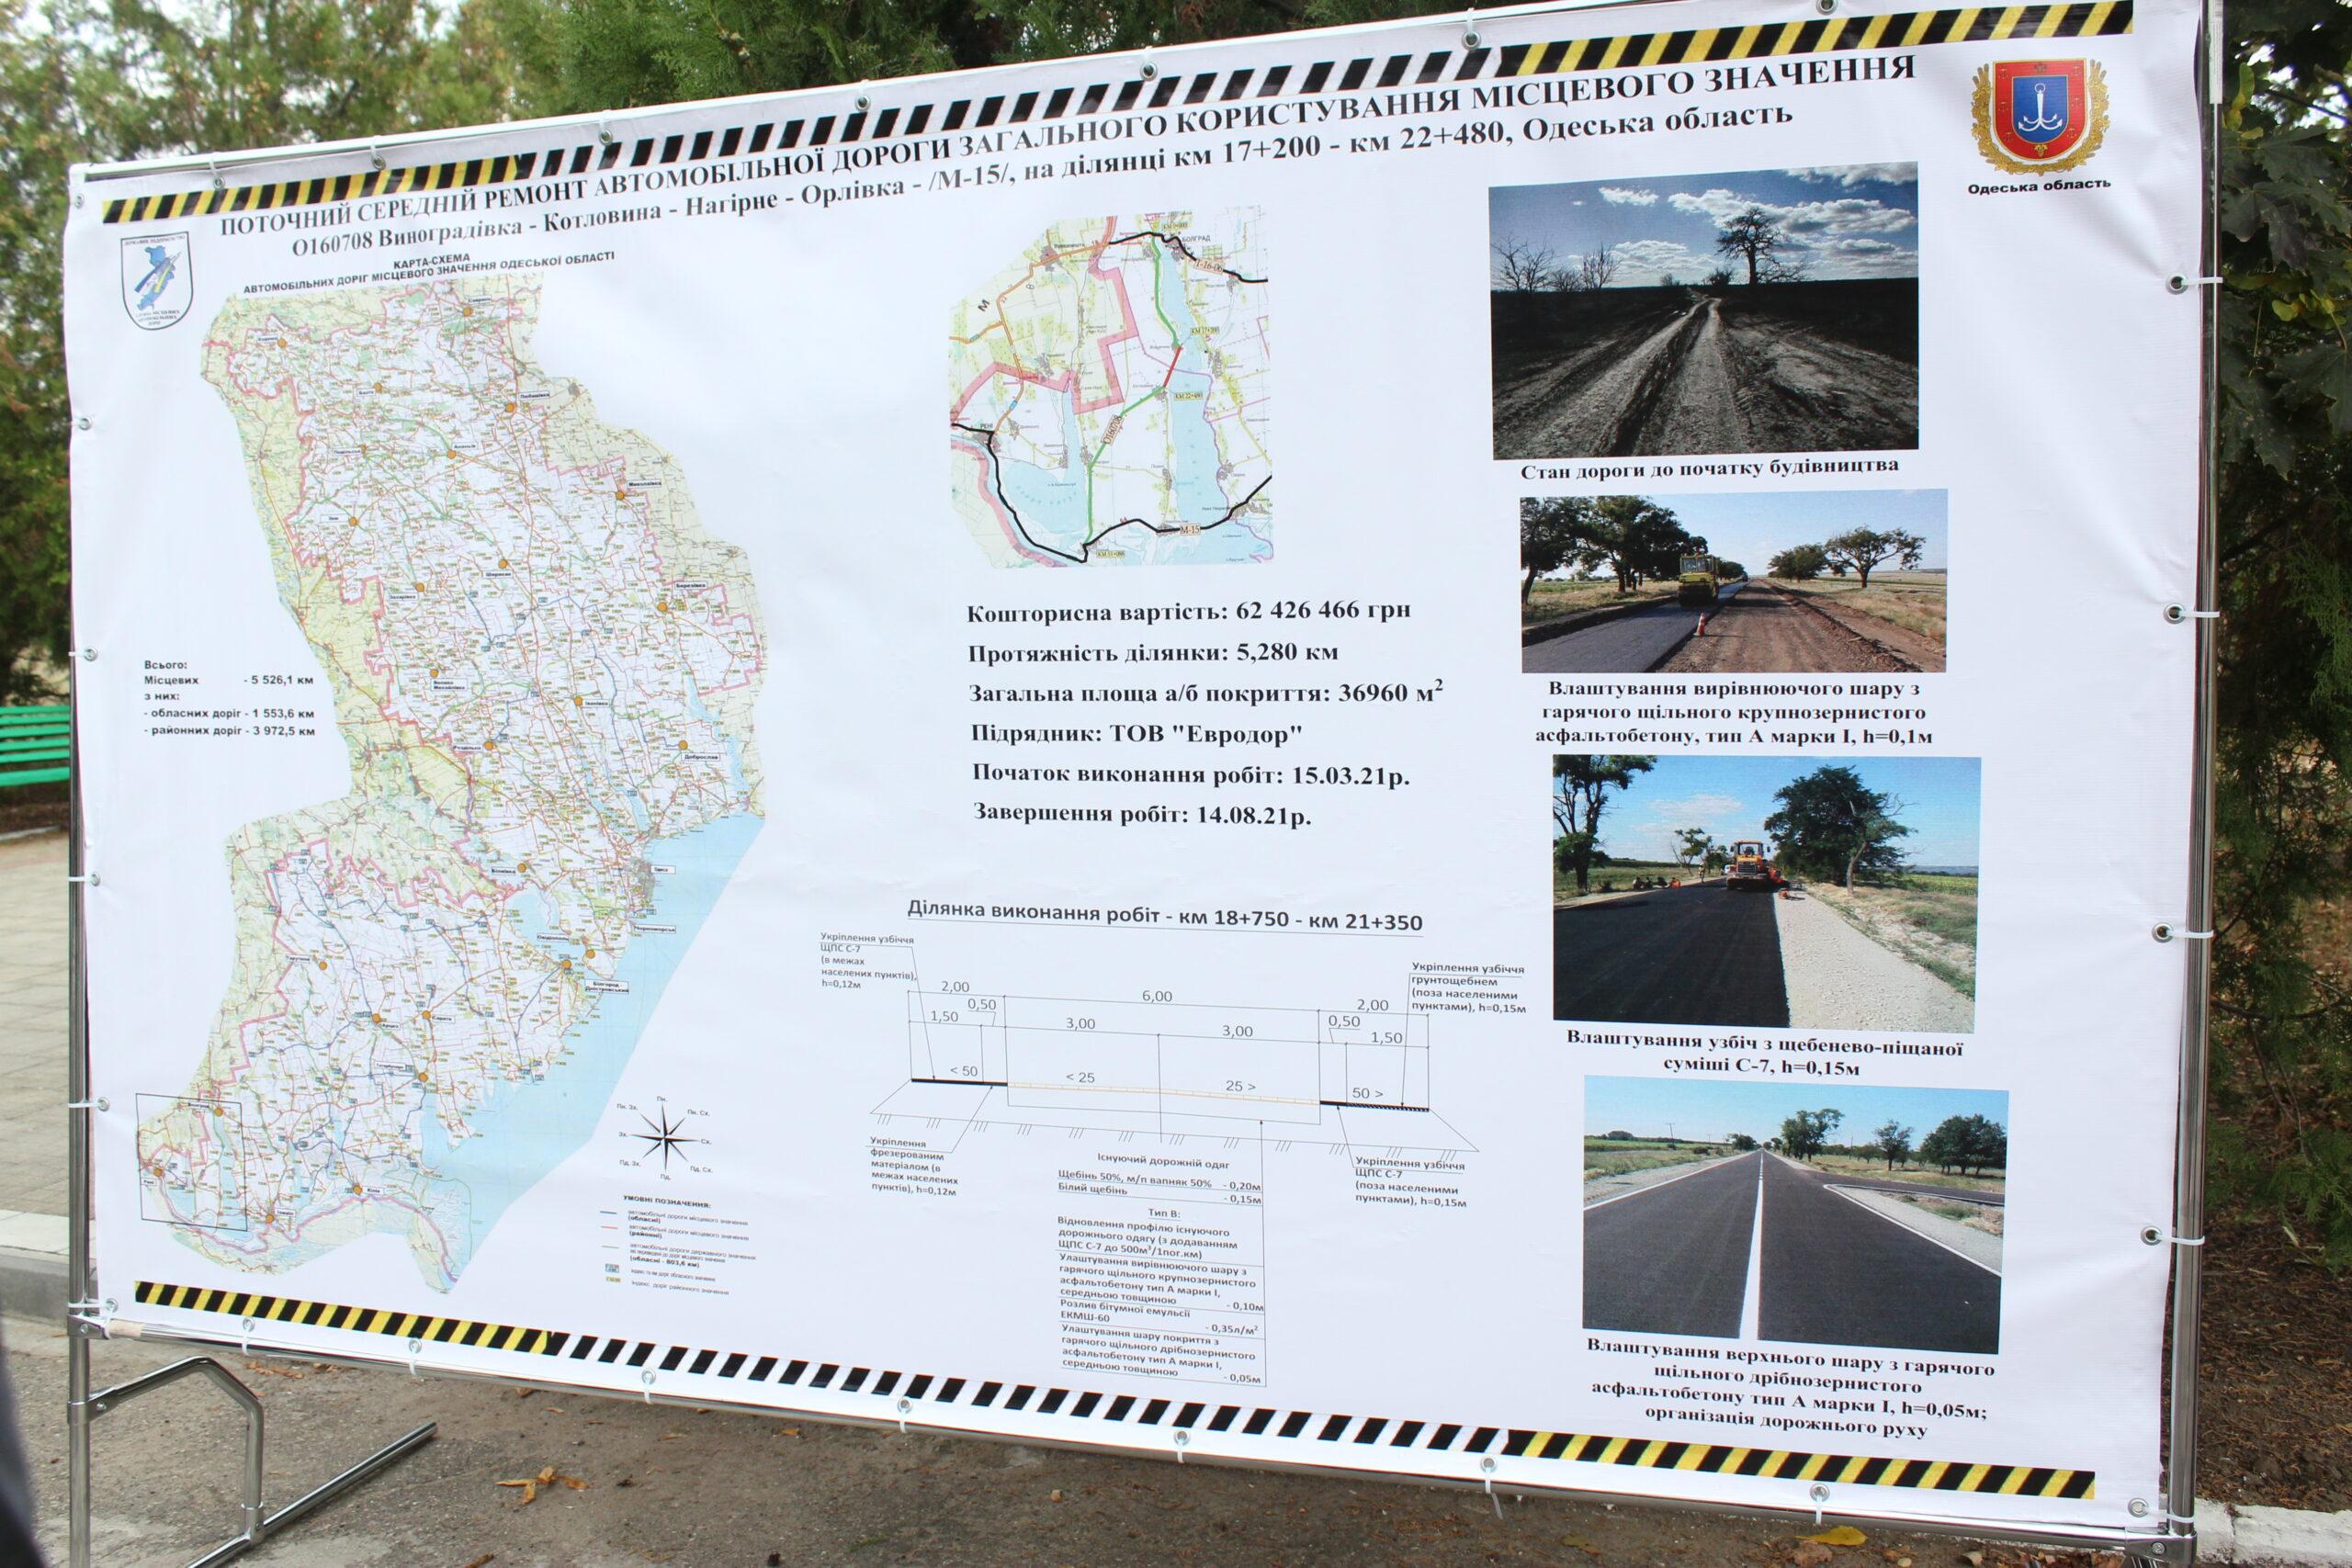 Шаг на пути к социально-экономическому развитию Болградского района: после ремонта введен в эксплуатацию аварийный участок автодороги, соединяющий Владычень и Котловину